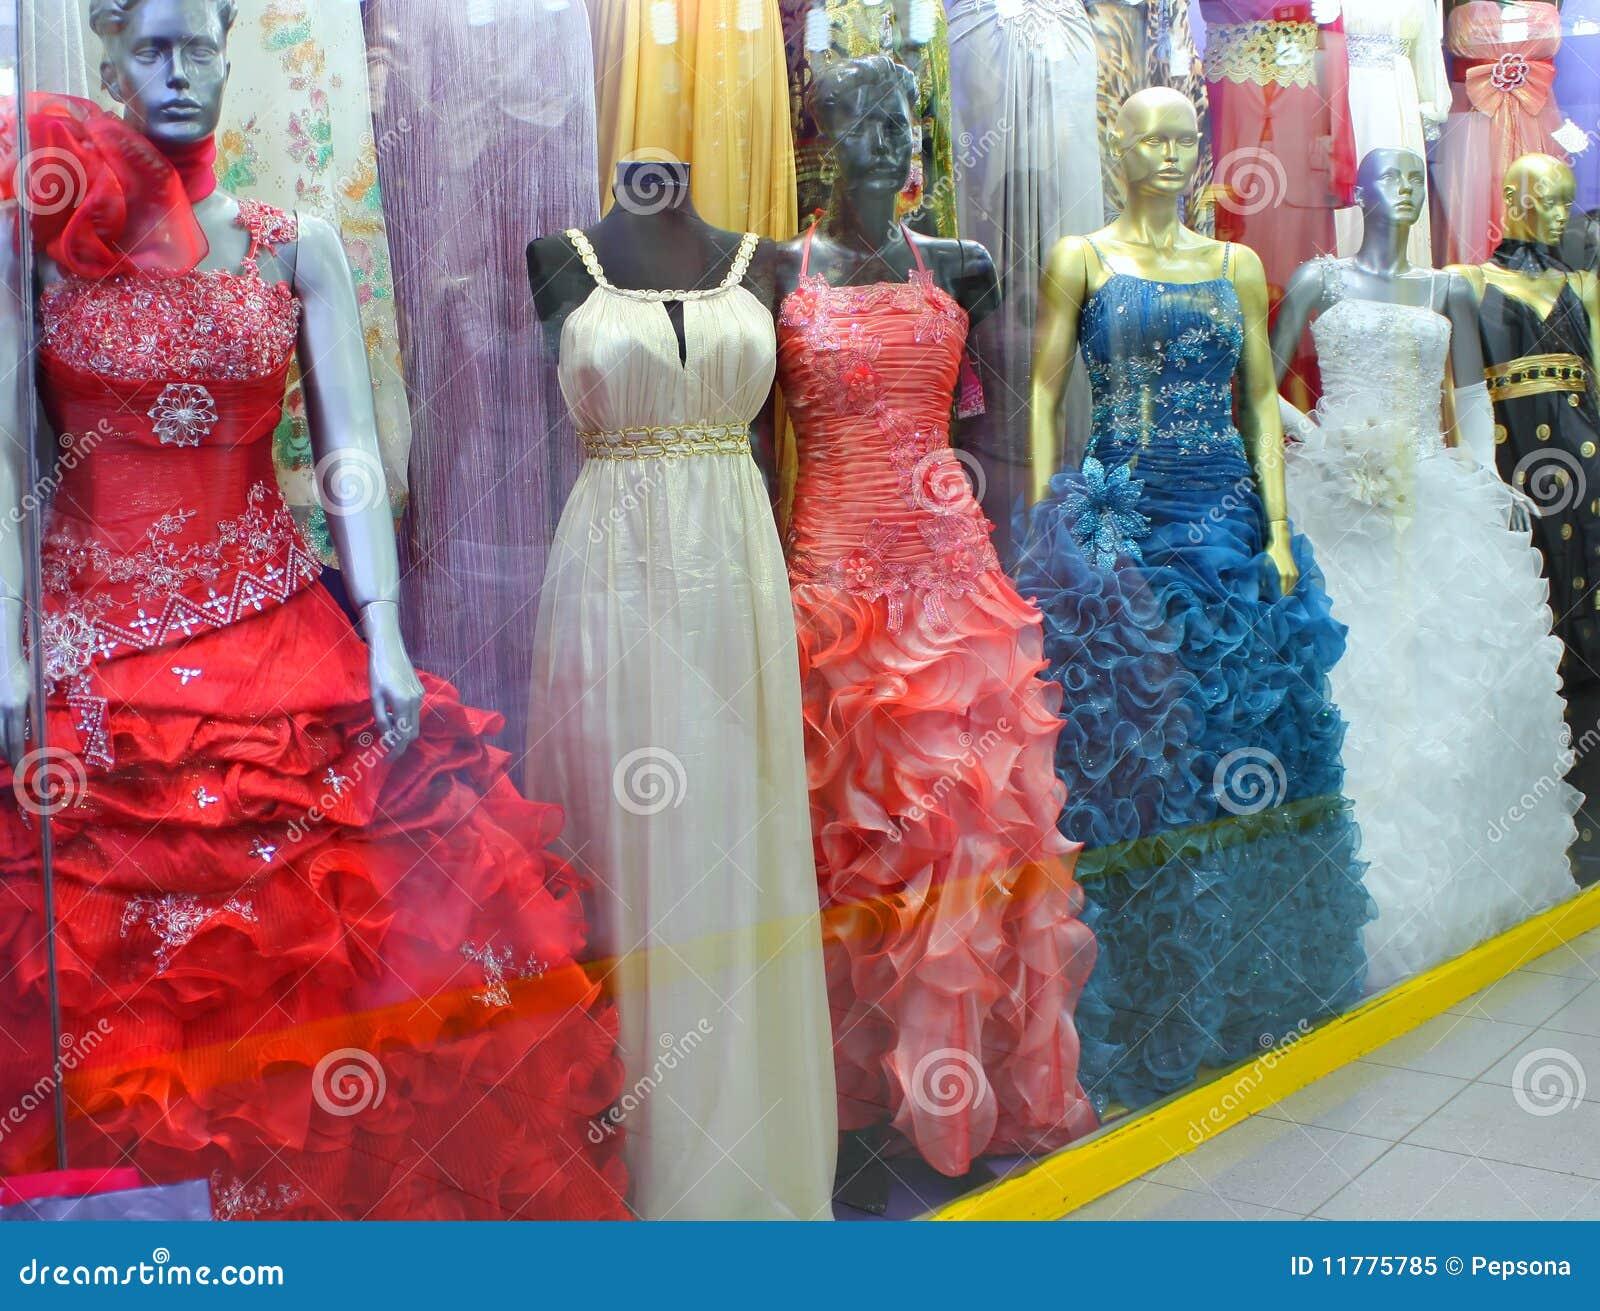 137c4a4db13 Ventana del departamento con los maniquíes en alineadas de boda y vestidos  de noche